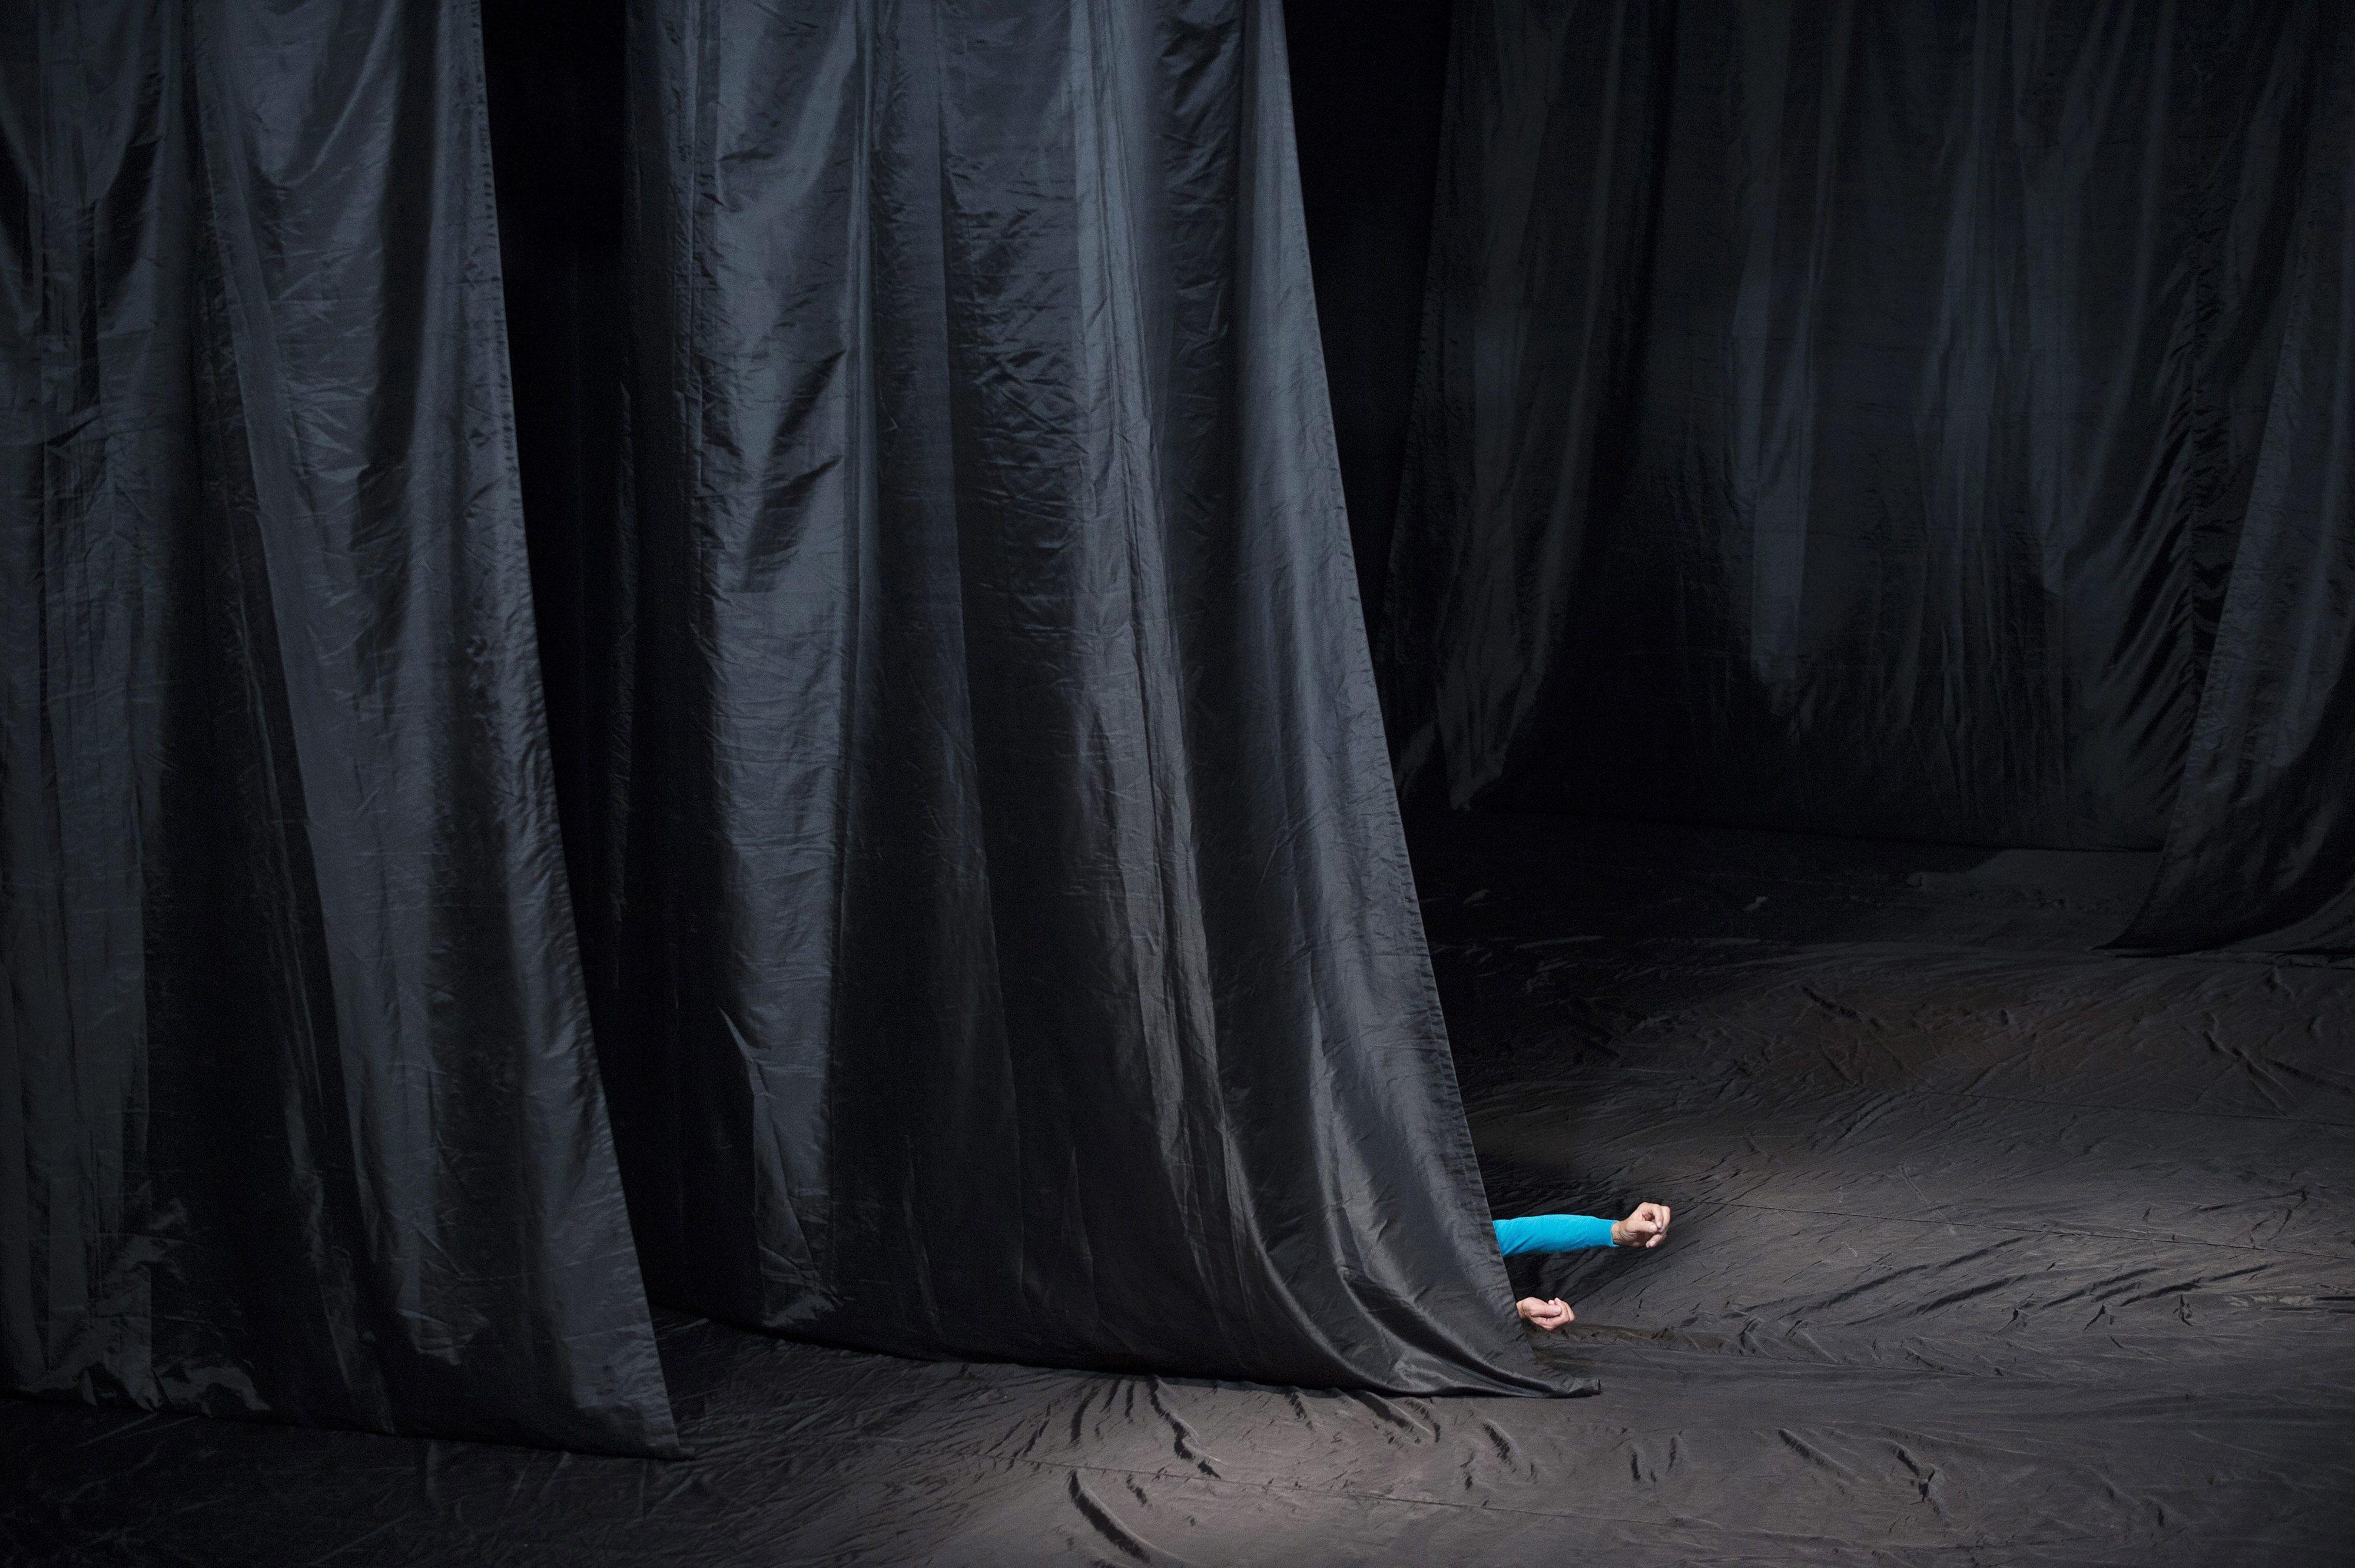 Atores com deficiência mental criam peça teatral inspirada nas suas memórias